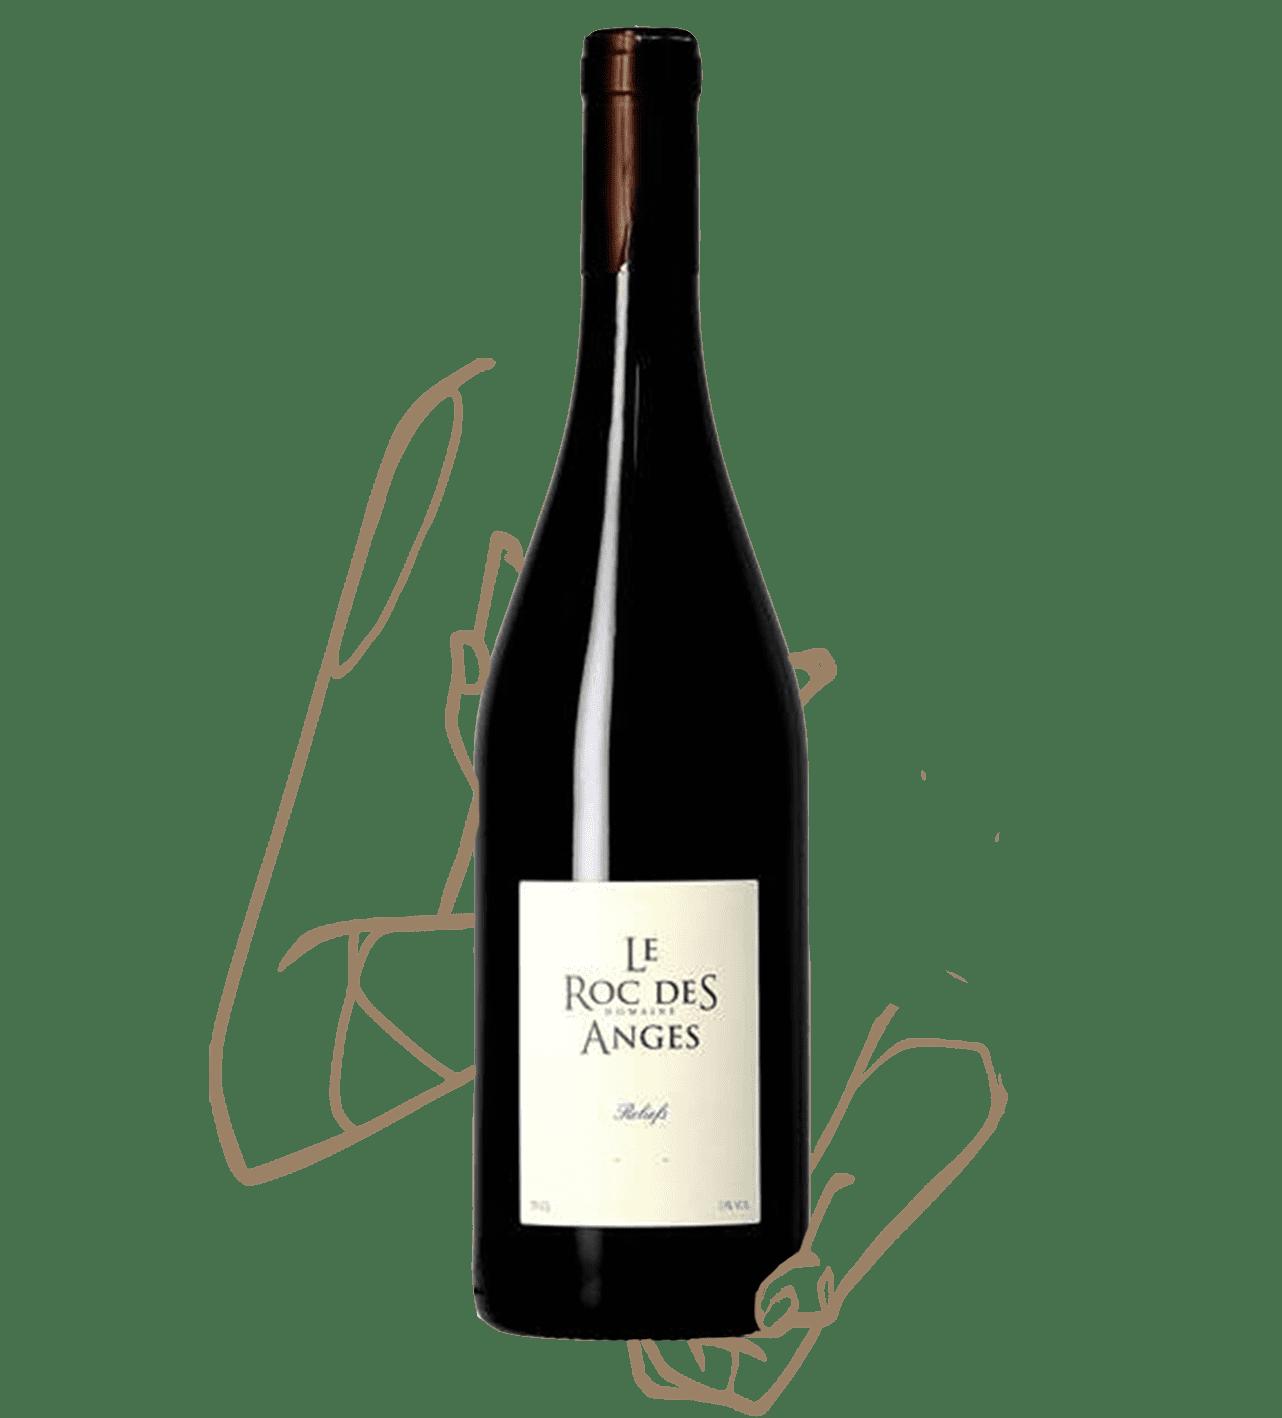 Relief est un vin rouge naturel biodynamique du domaine roc des anges